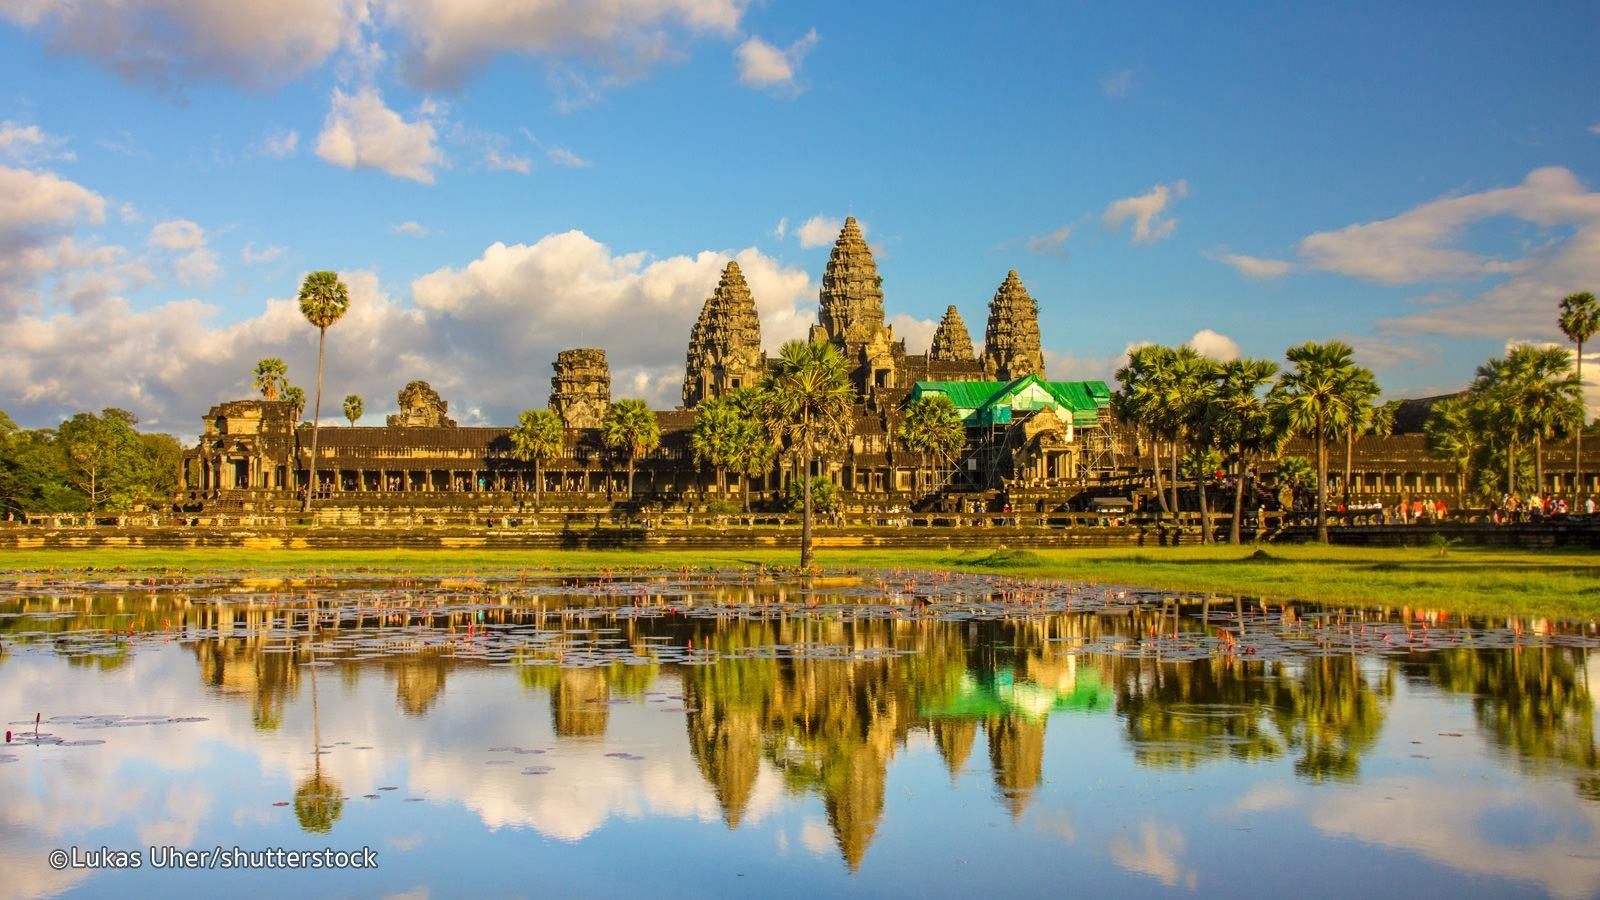 Adı Savaşla Anılan Ülkeler: Vietnam - Kamboçya (3. Grup)